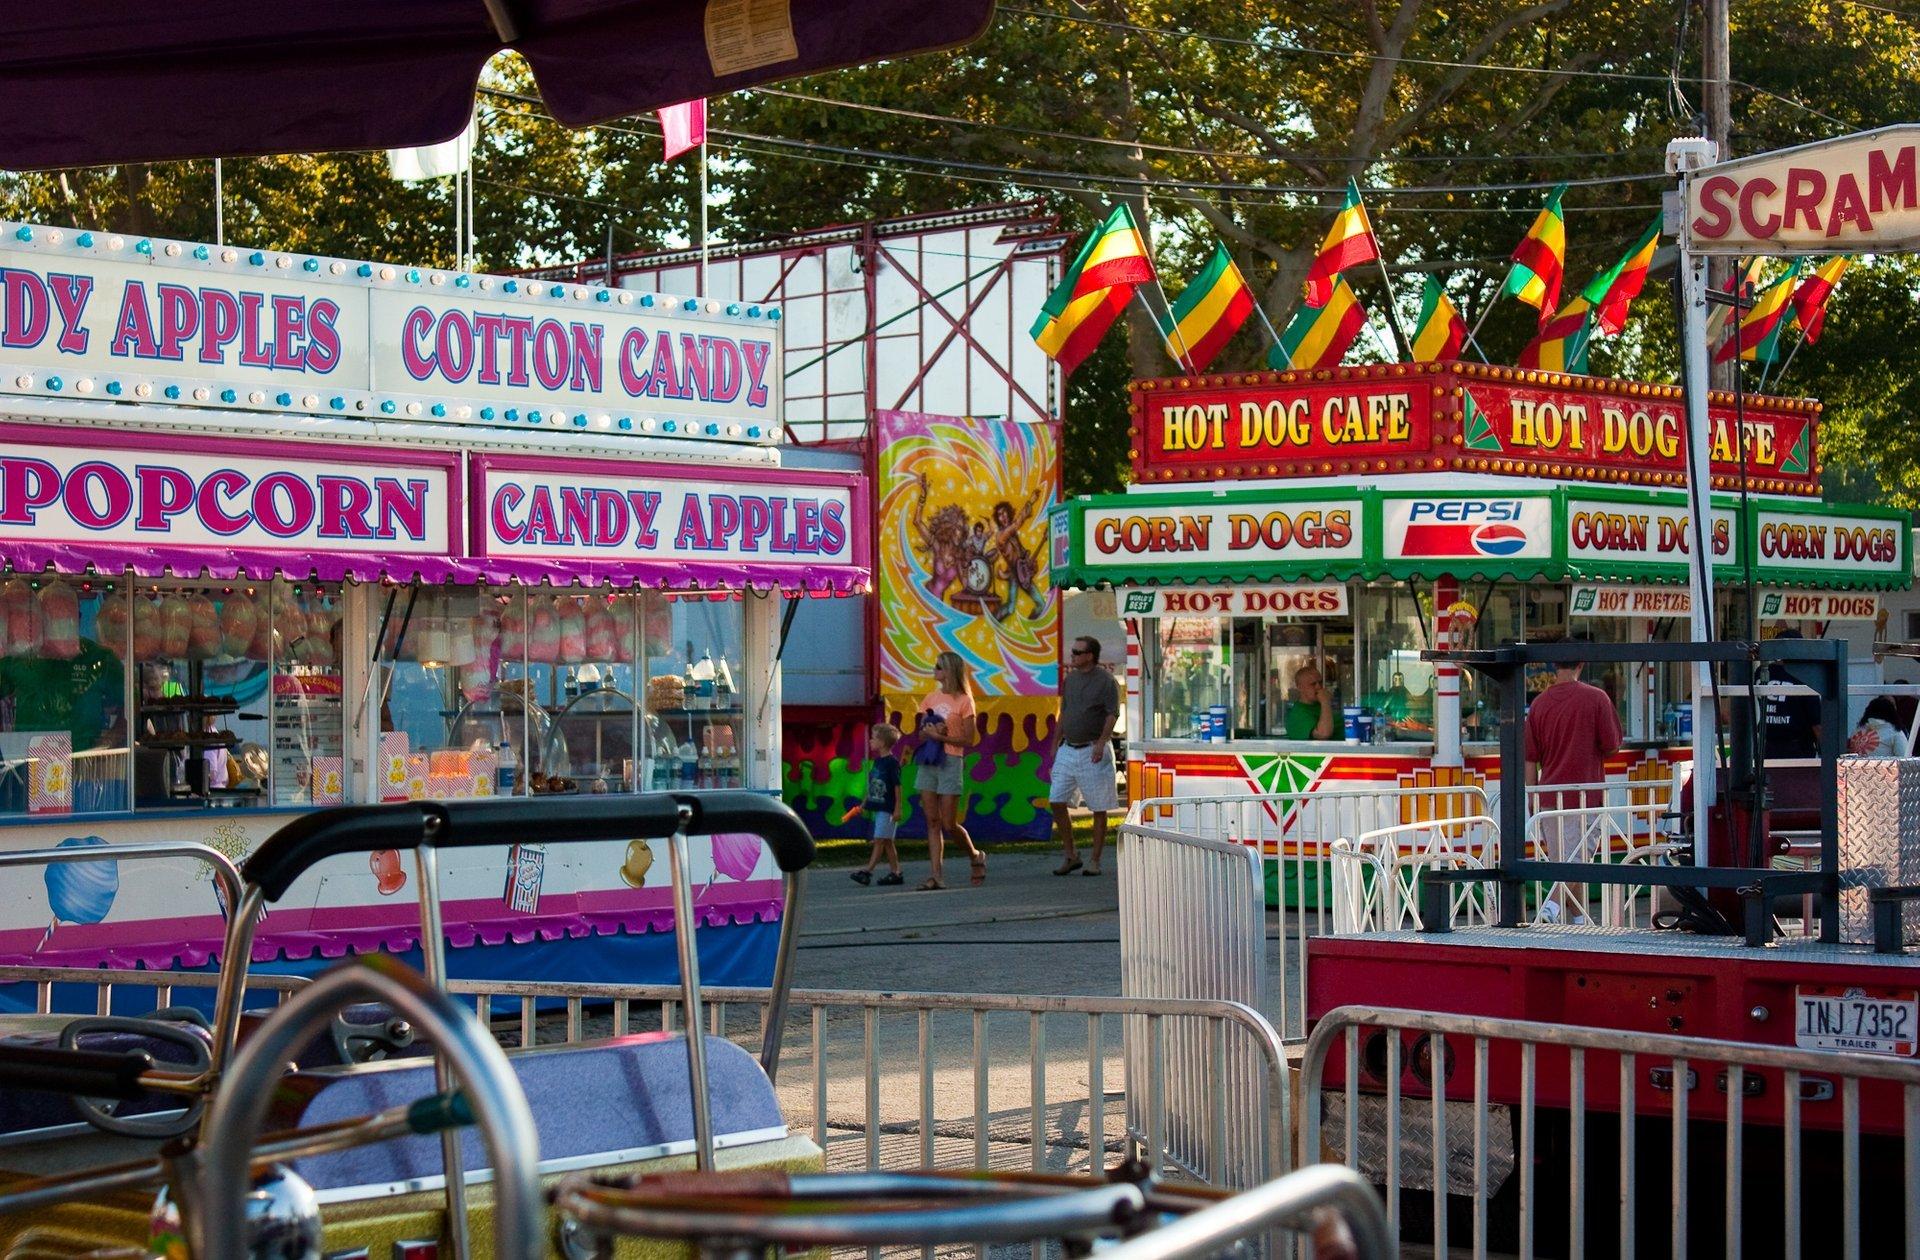 Cuyahoga County Fair in Ohio - Best Season 2020